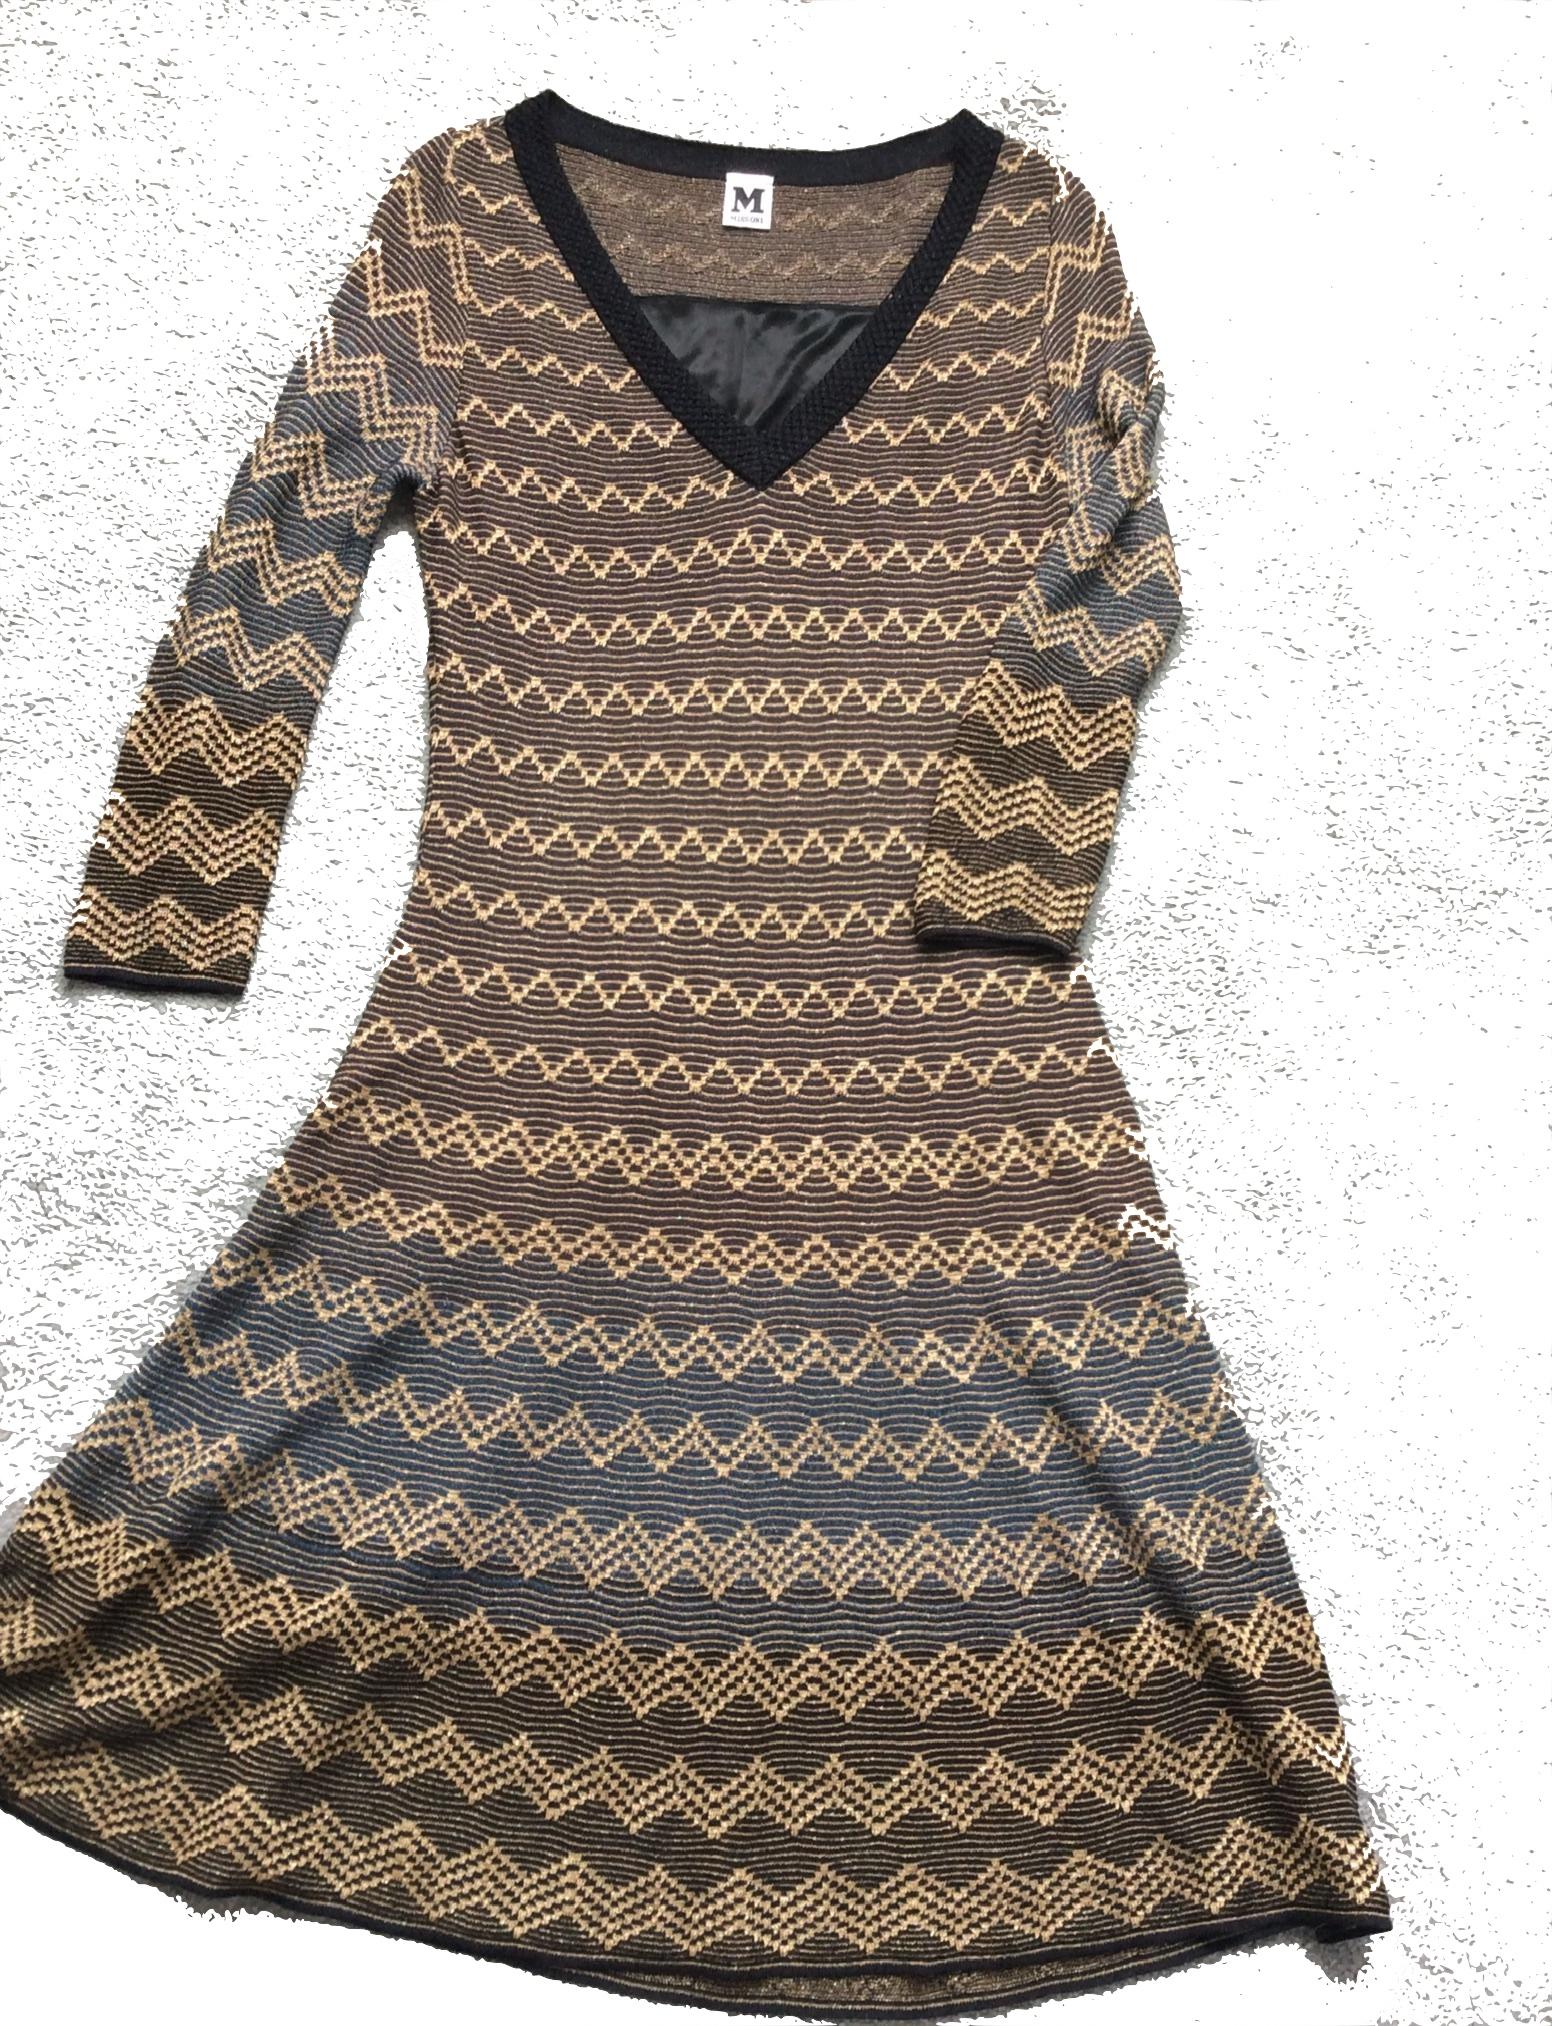 Missoni knit dress copy